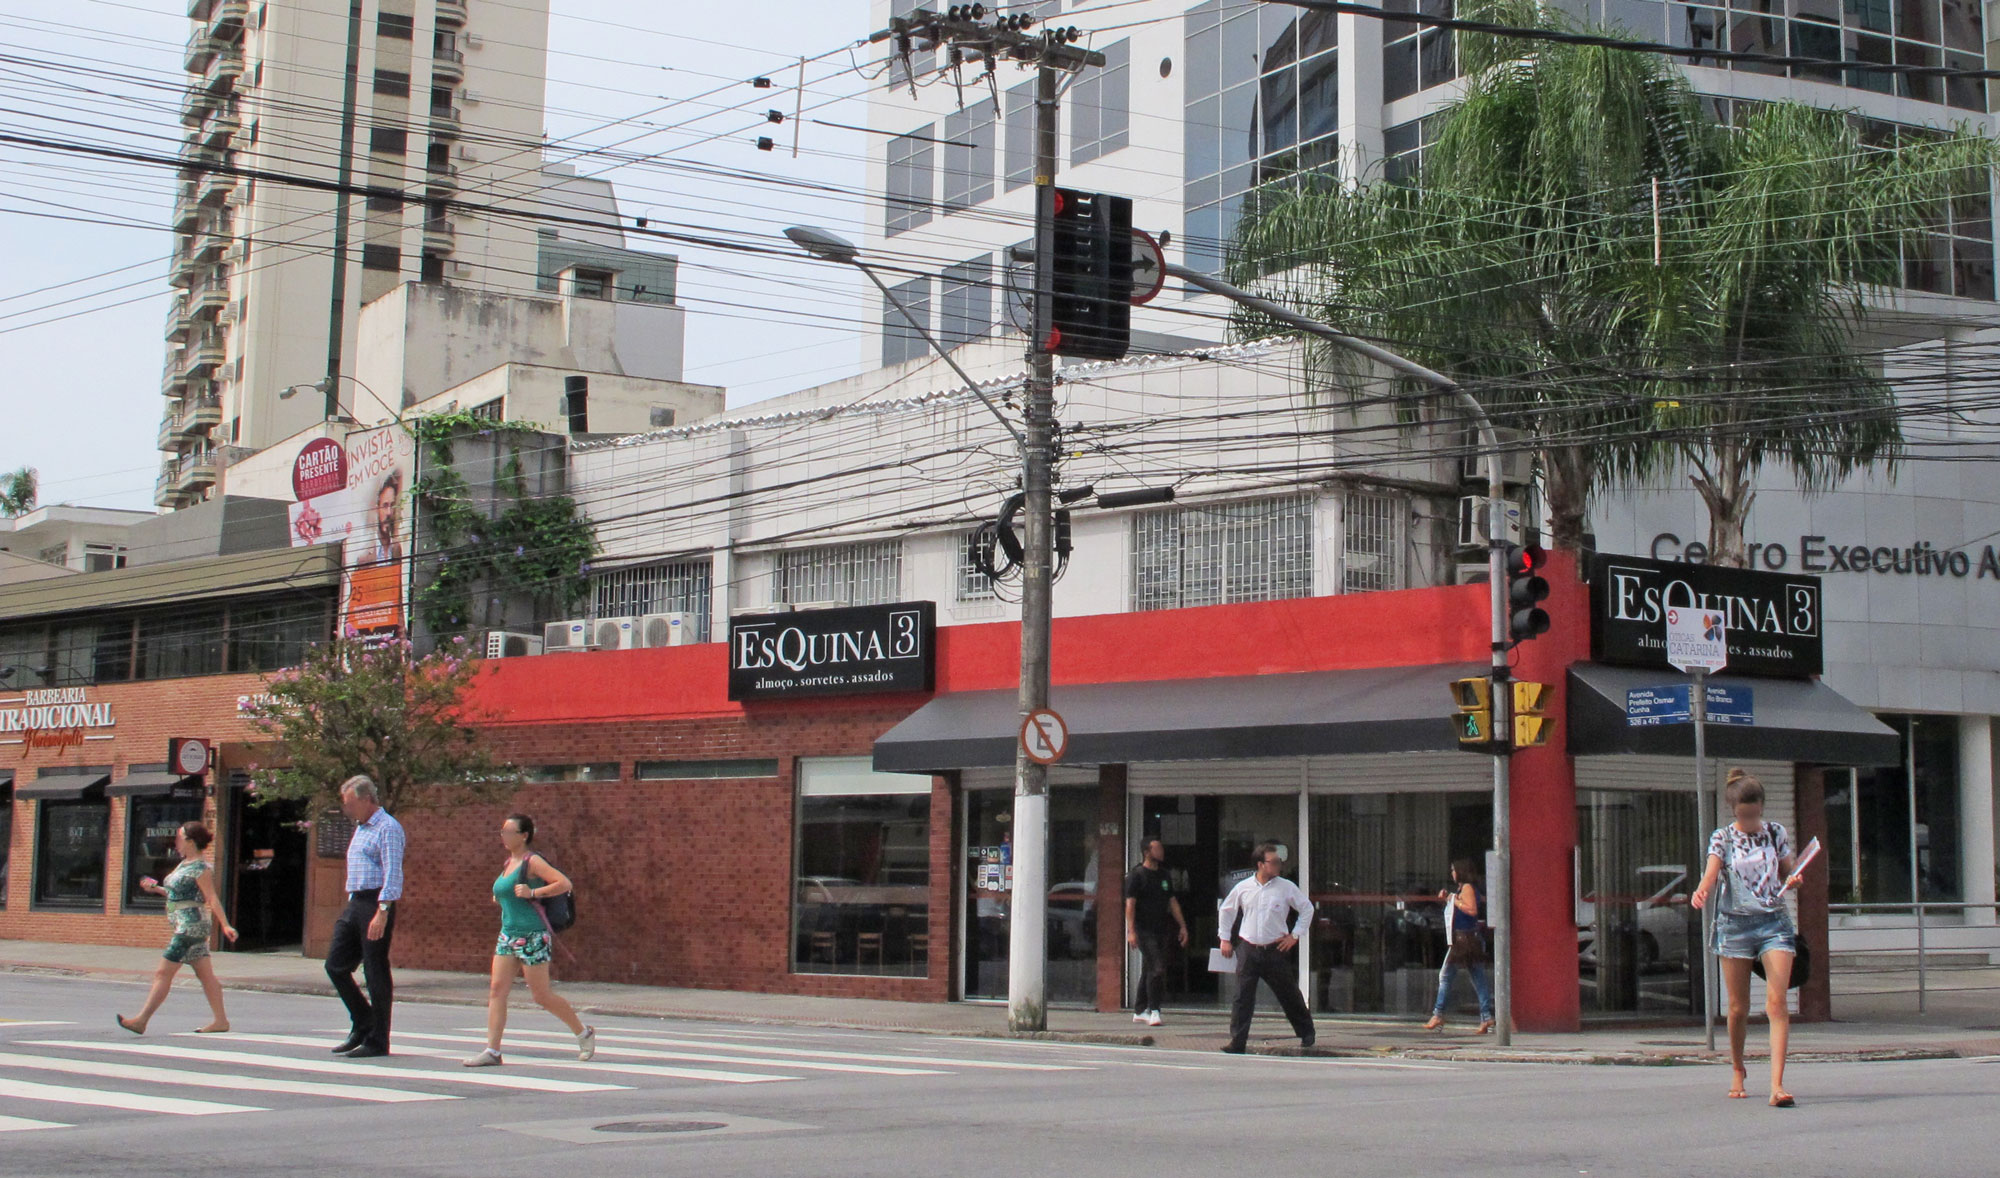 giacomelli-osmarcunha-esquina3-hor